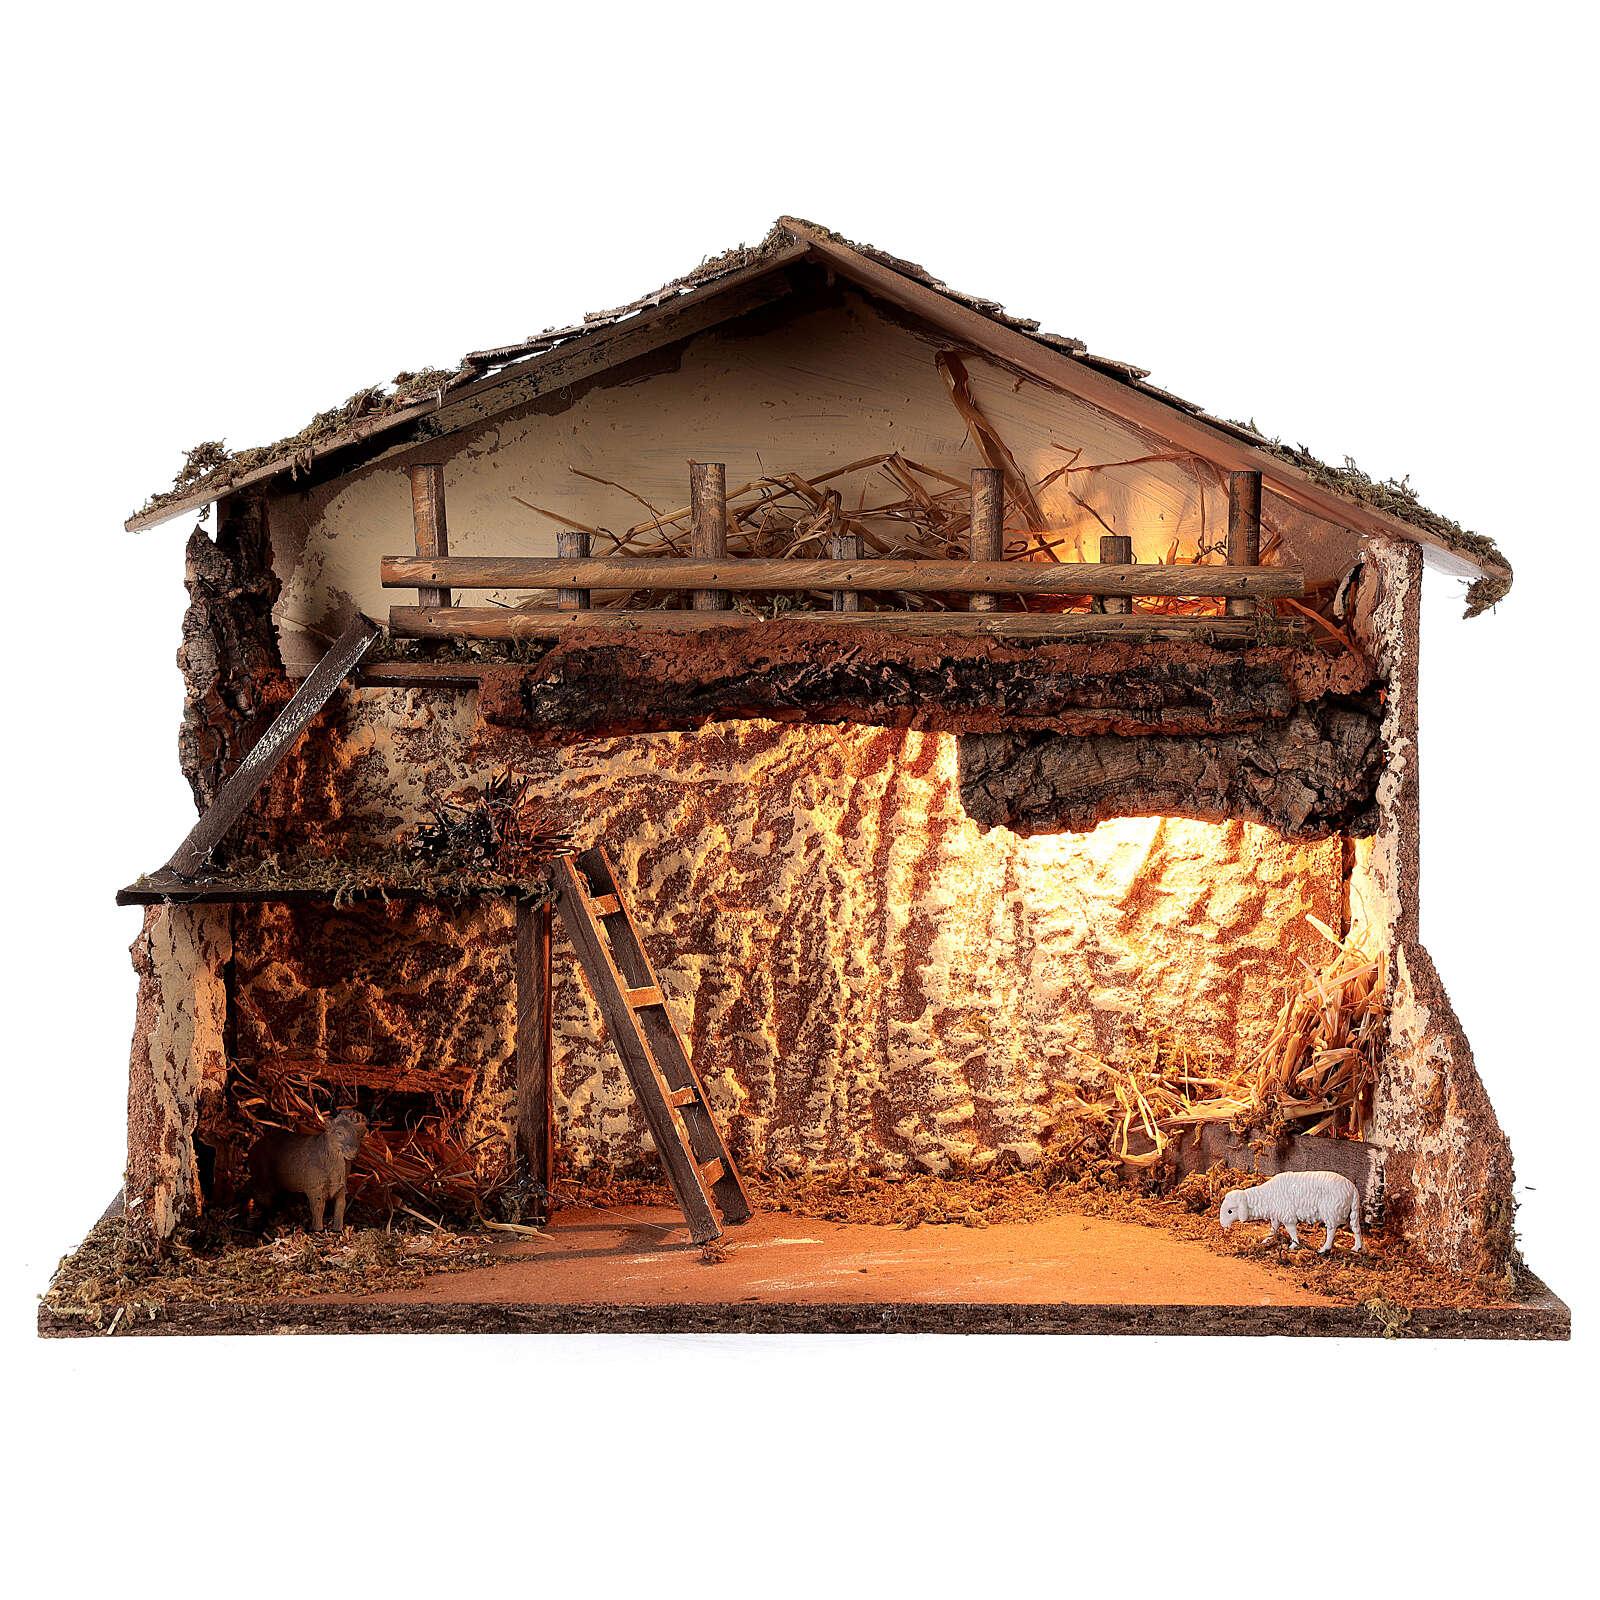 Cabana iluminada estilo nórdico para presépio com figuras altura média 12-14 cm; medidas: 35x50x25 cm 4